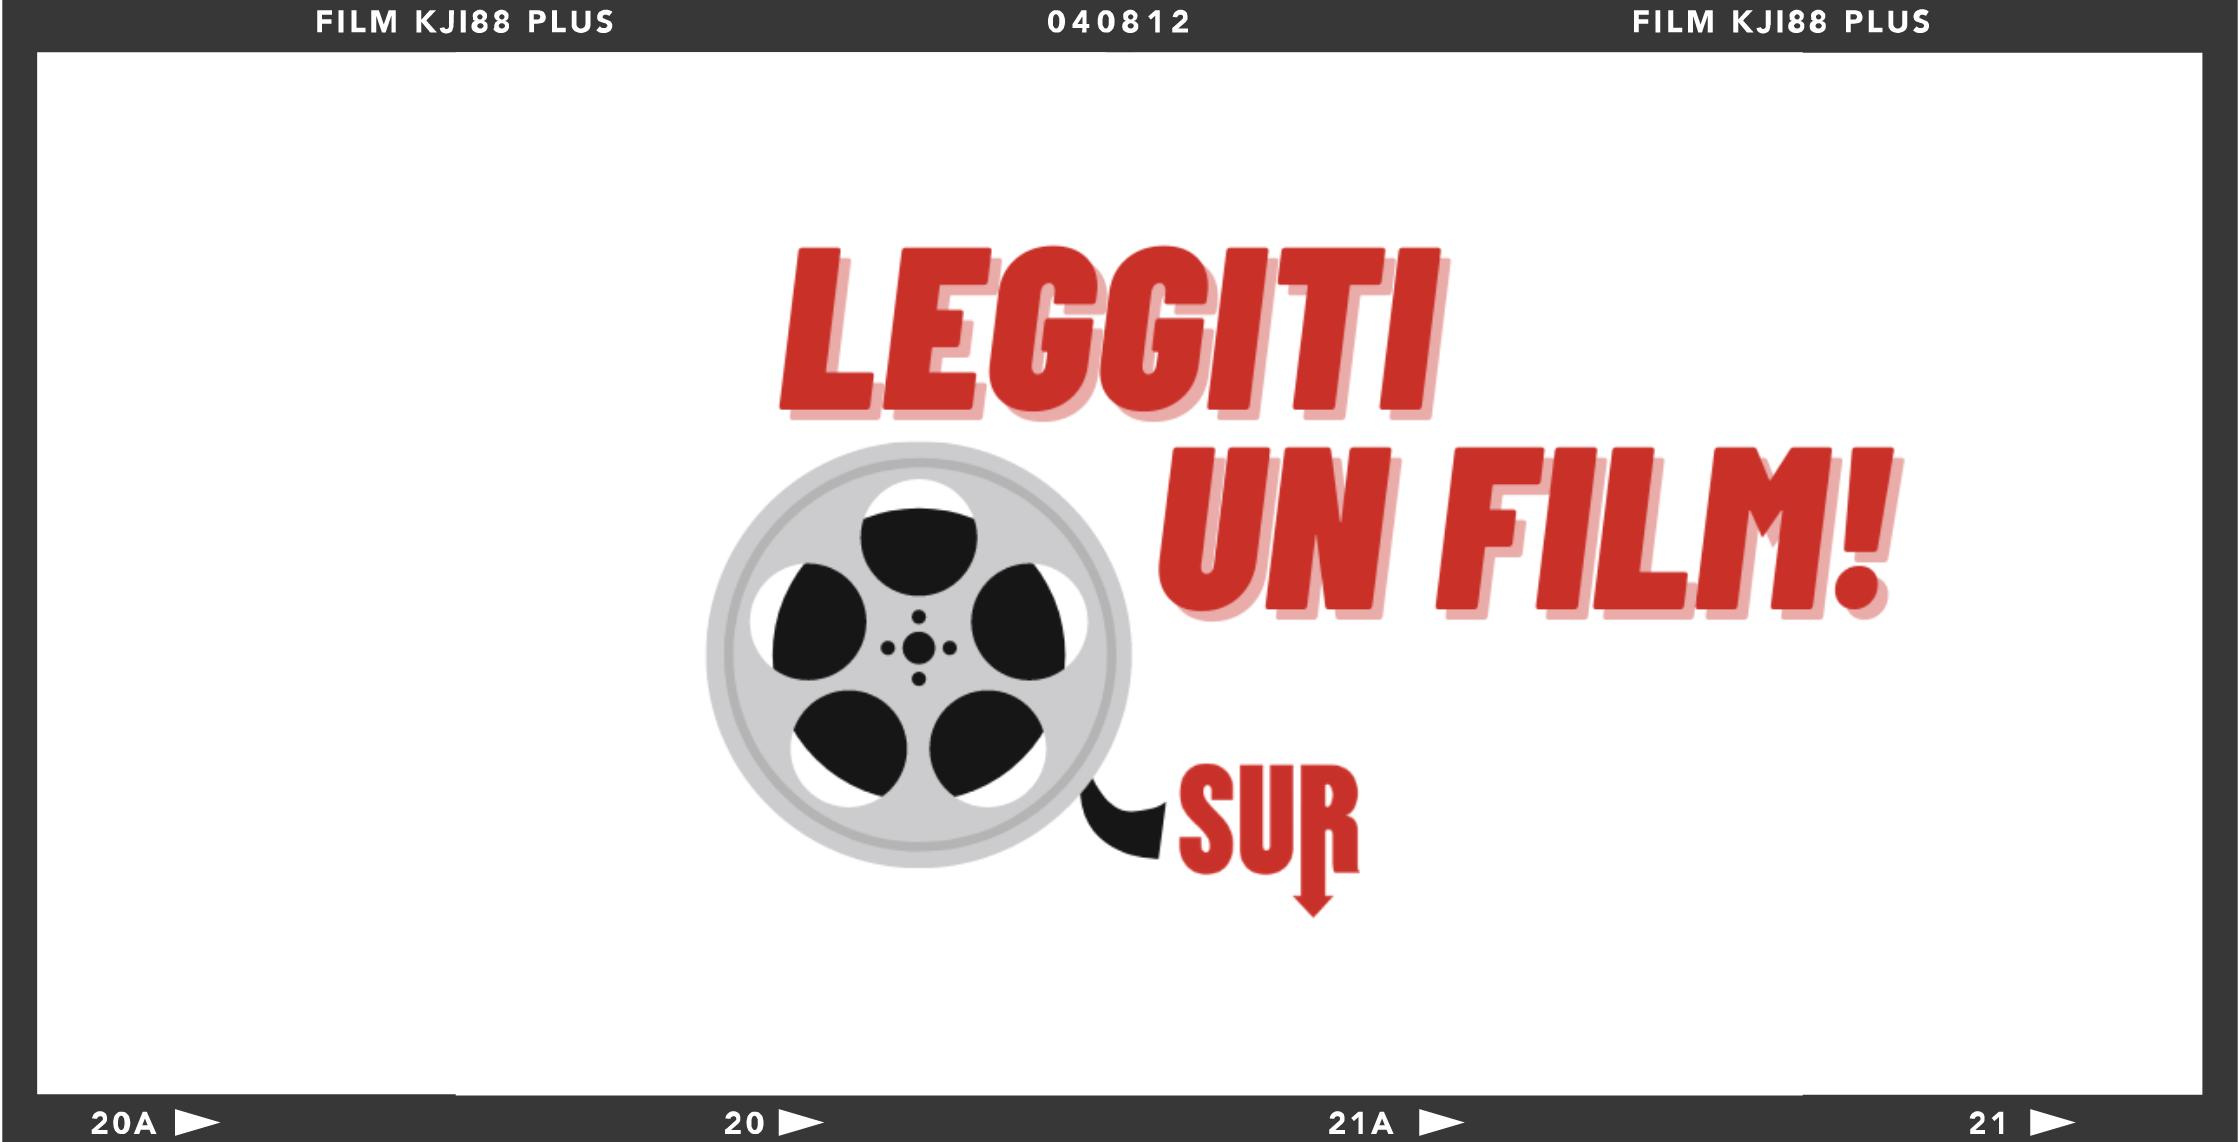 #leggitiunfilm edizioni sur